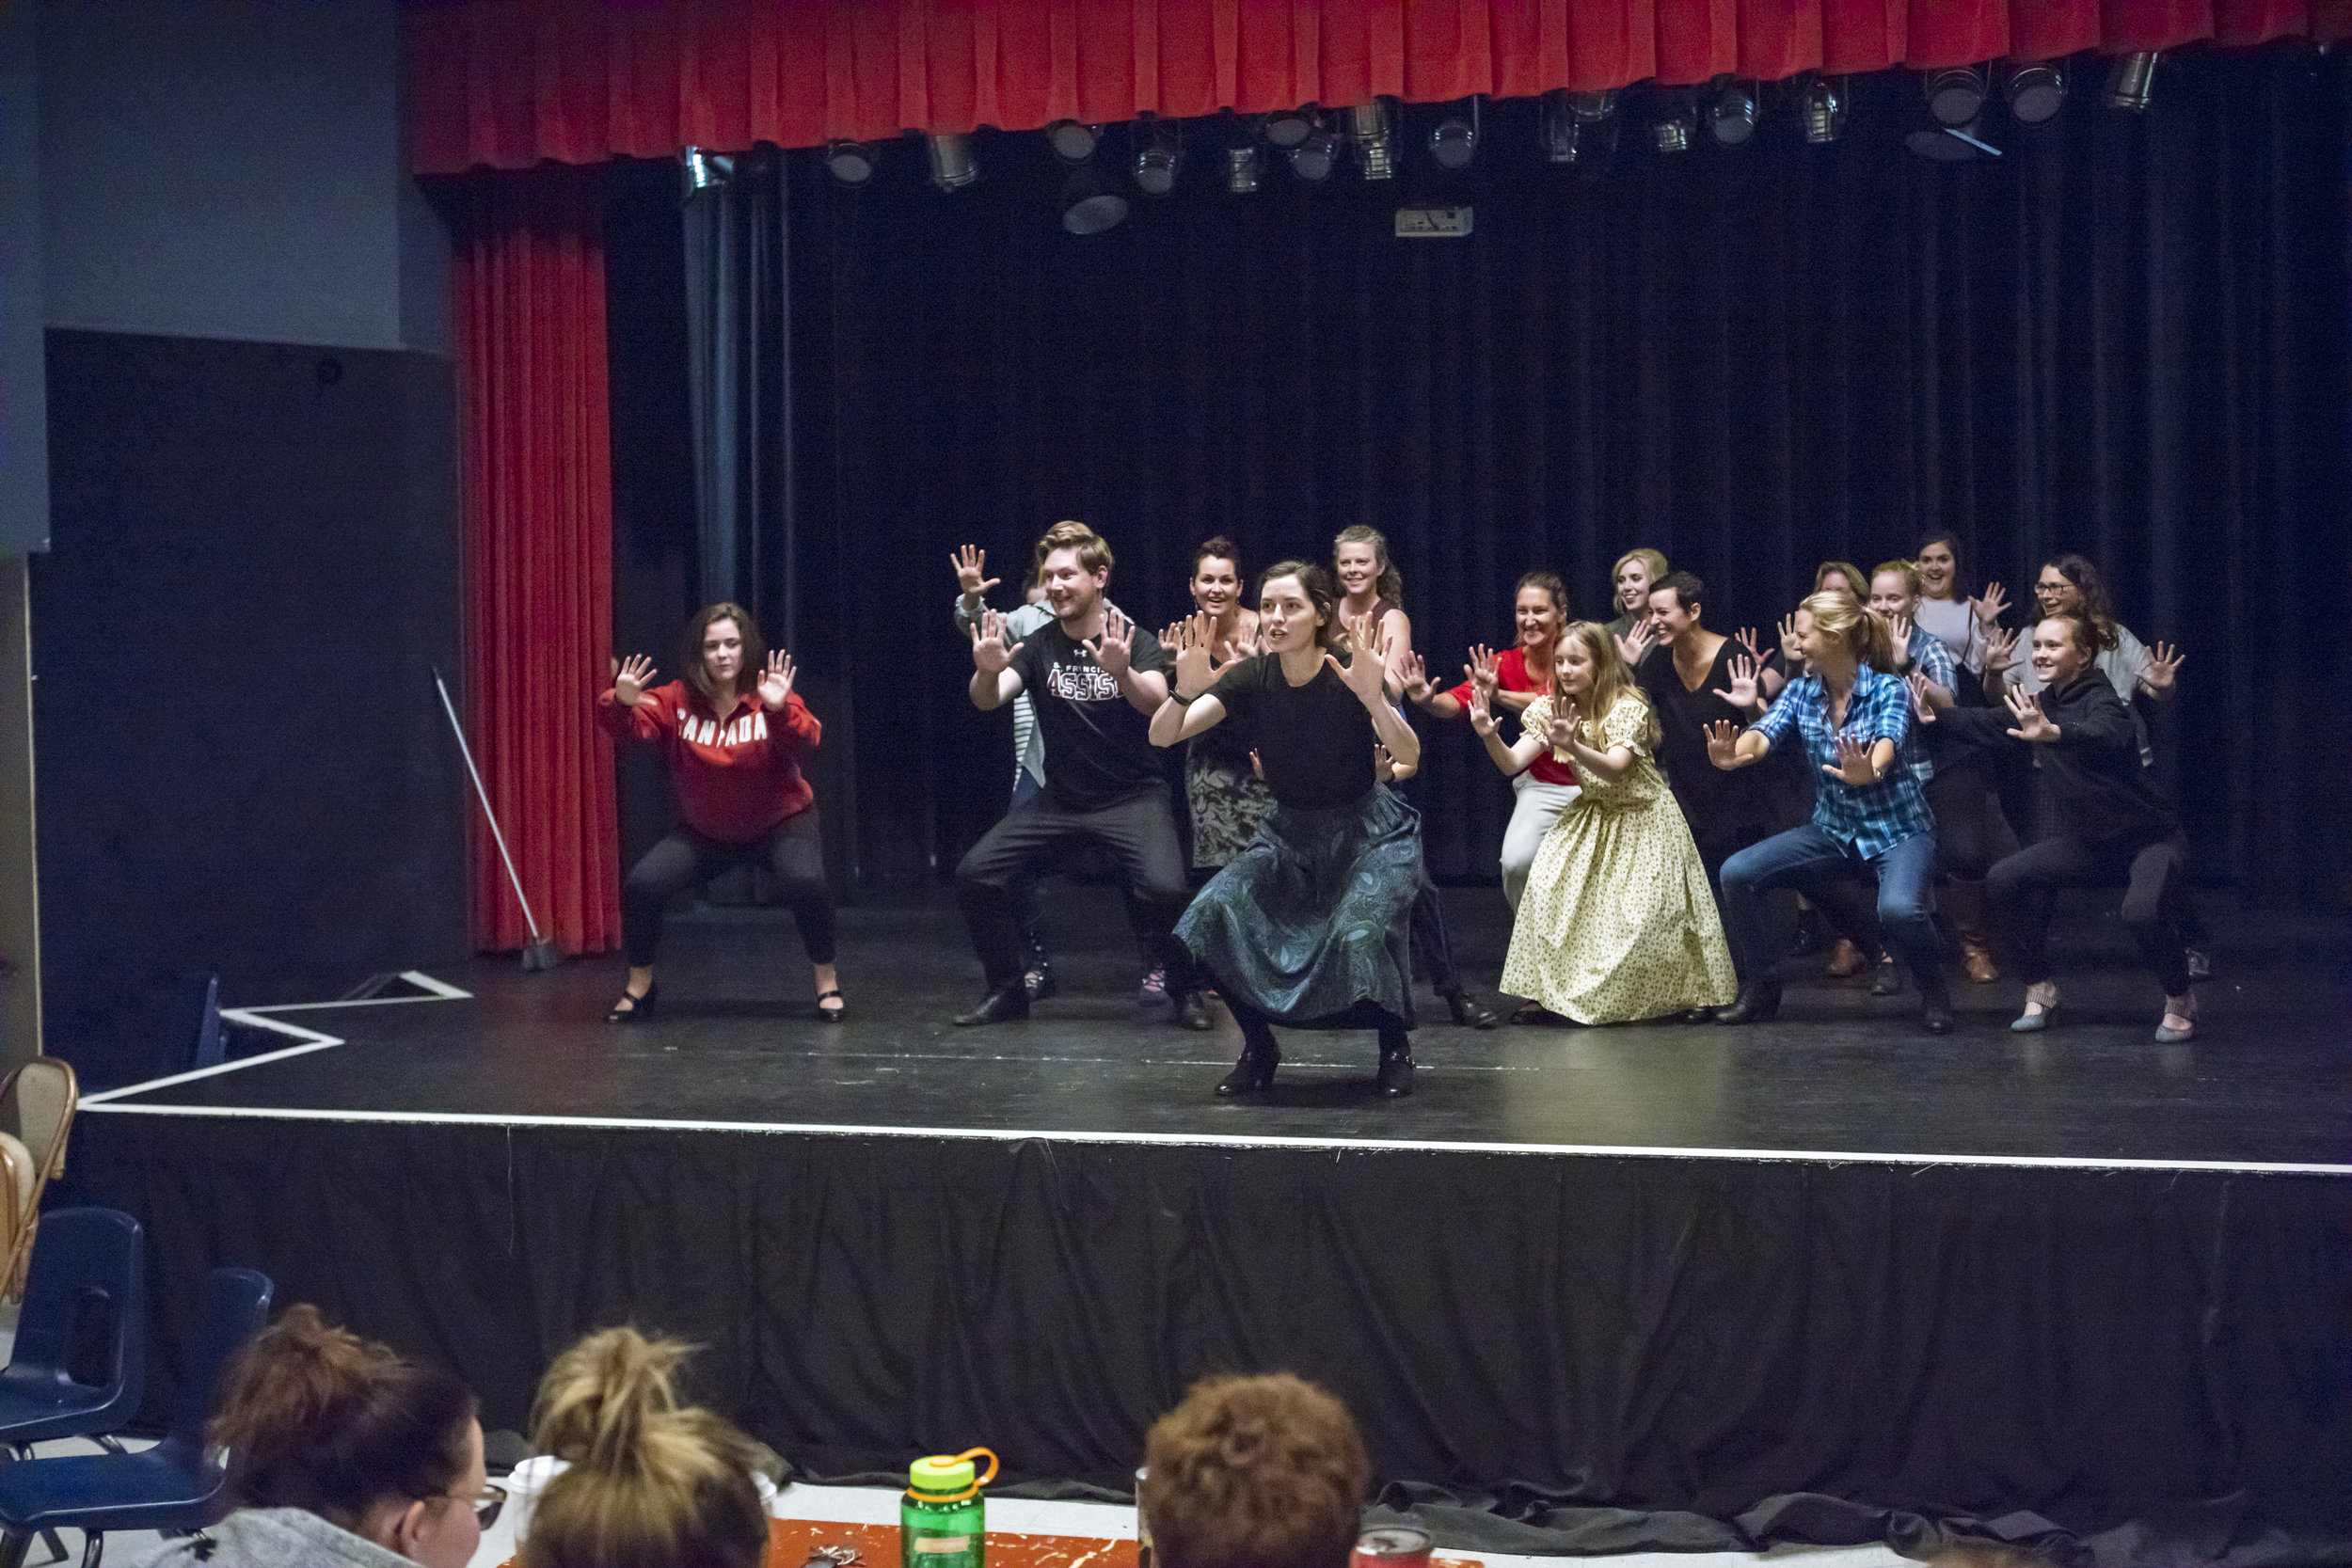 Mary Poppins - Streetlight Theatre Company - Rehearsal Shoot #2 - 23 Sep '18 - 113.JPG